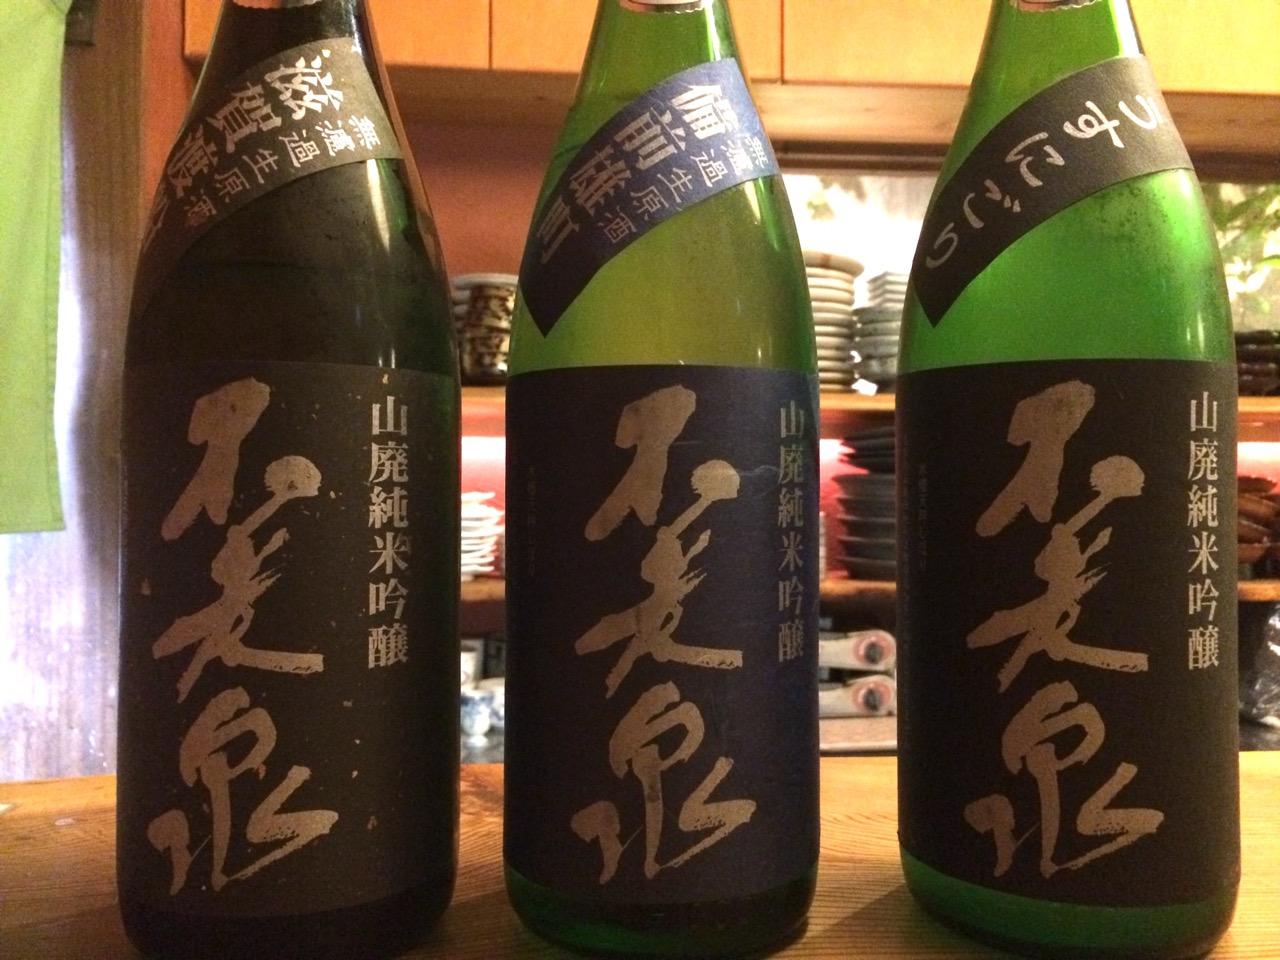 不老泉3種(渡船、雄町、山田錦うすにごり)日本酒テイスティングノート